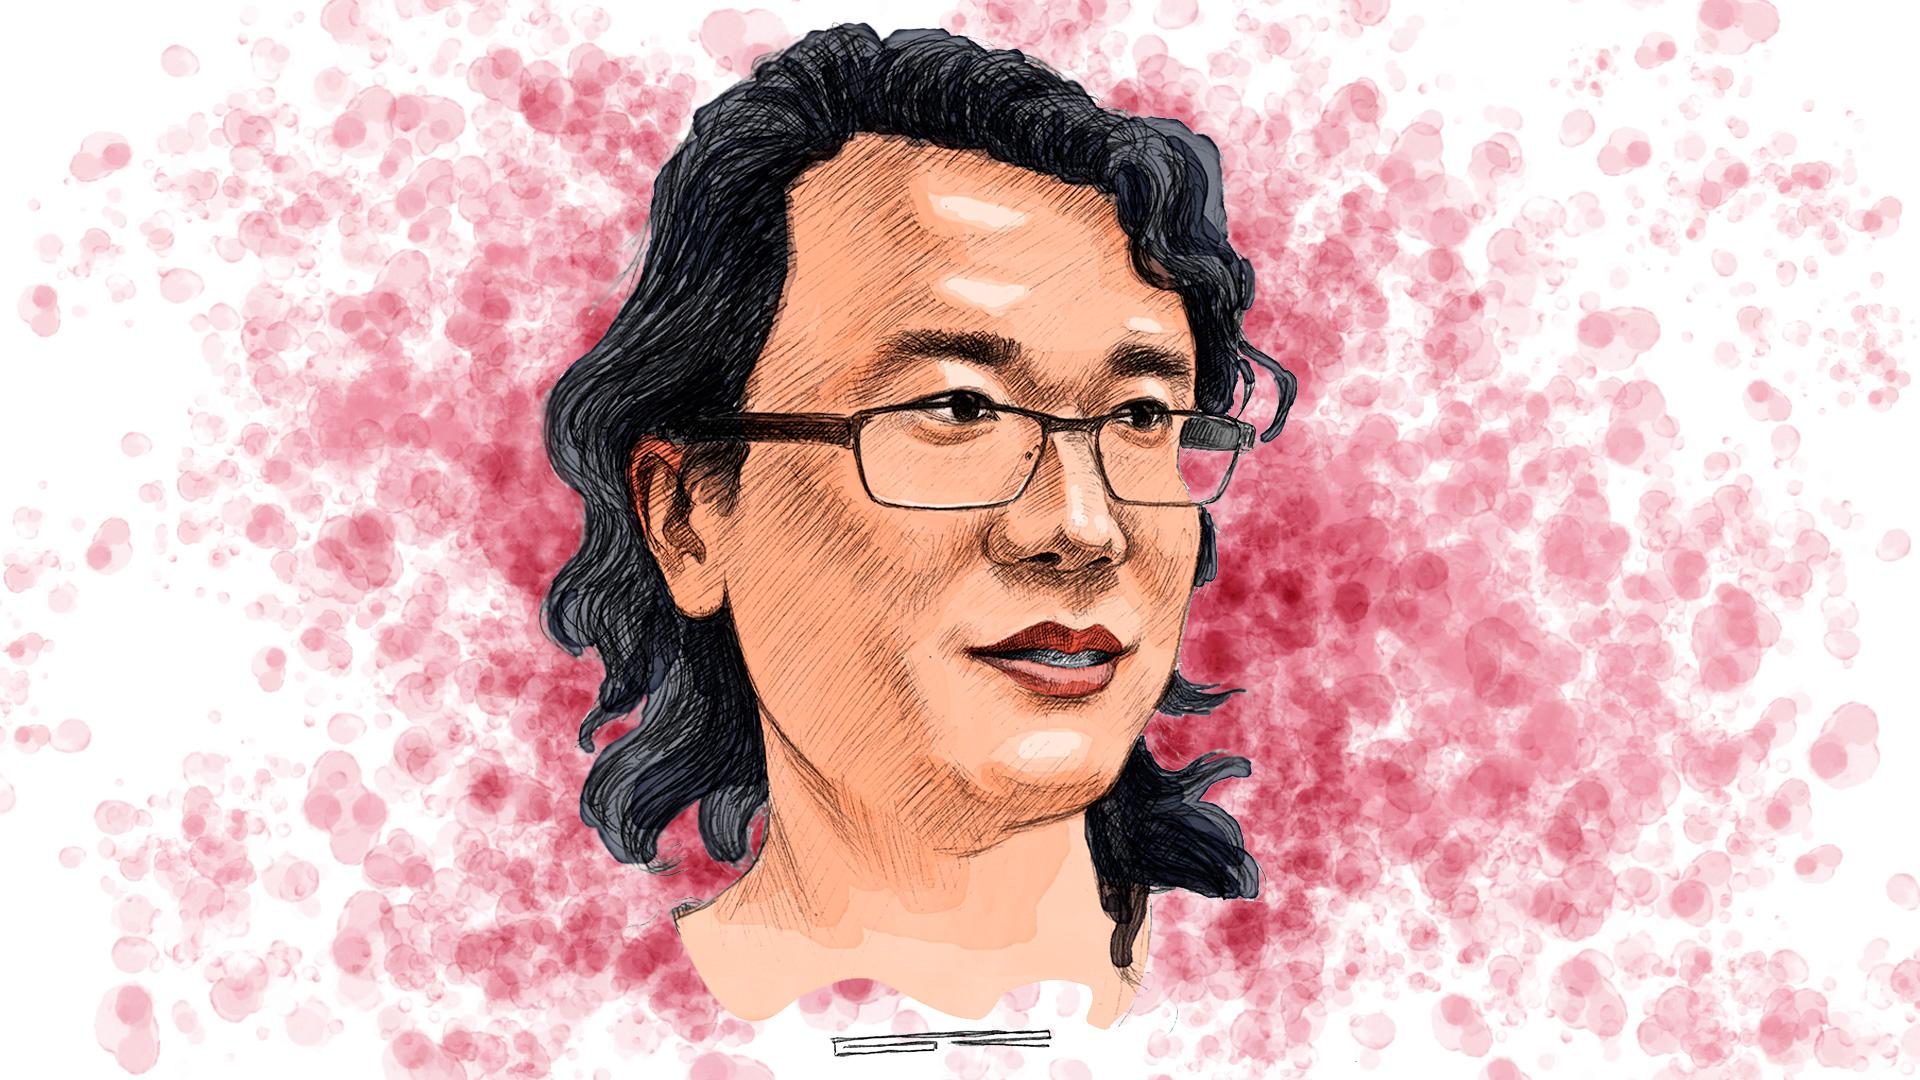 Wang Qian, El Primer Chino Que Se Atreve A Traducir A Josep Pla